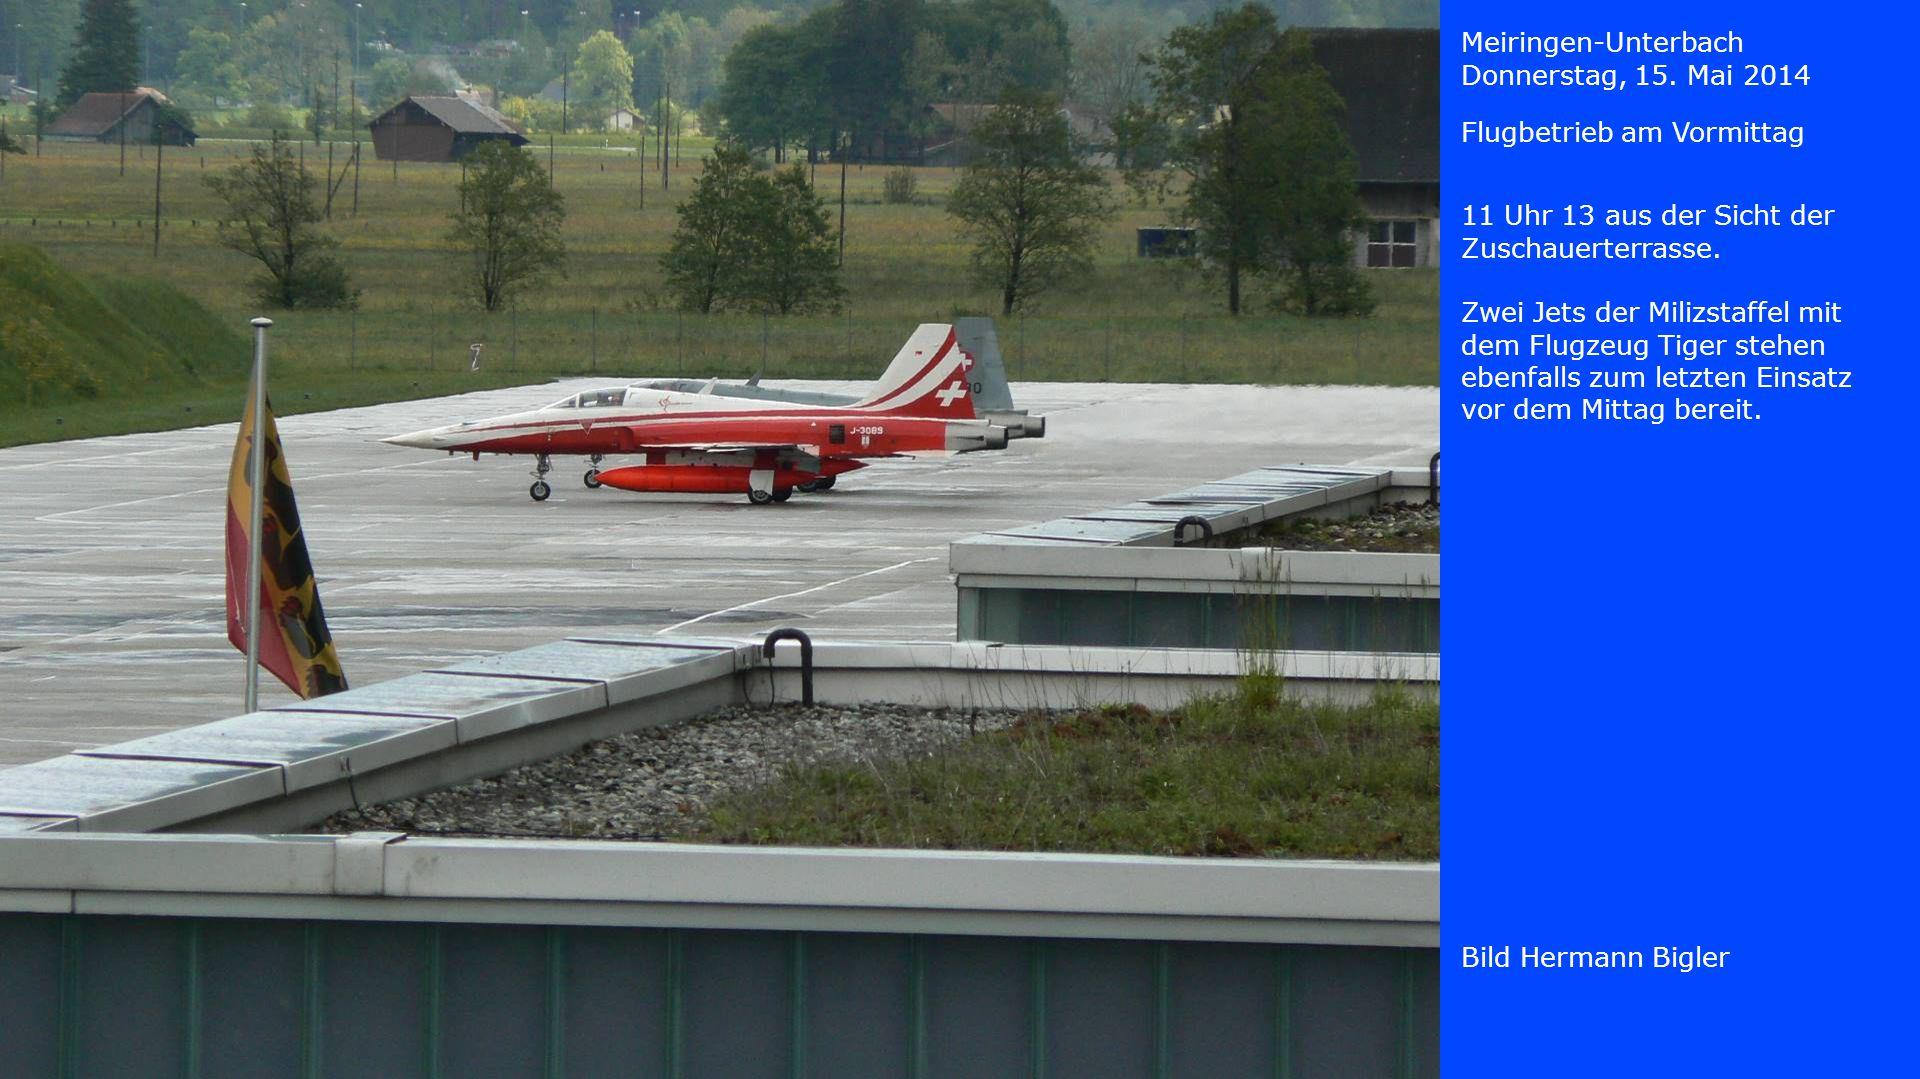 Meiringen-Unterbach Donnerstag, 15. Mai 2014. Flugbetrieb am Vormittag. 11 Uhr 13 aus der Sicht der Zuschauerterrasse.